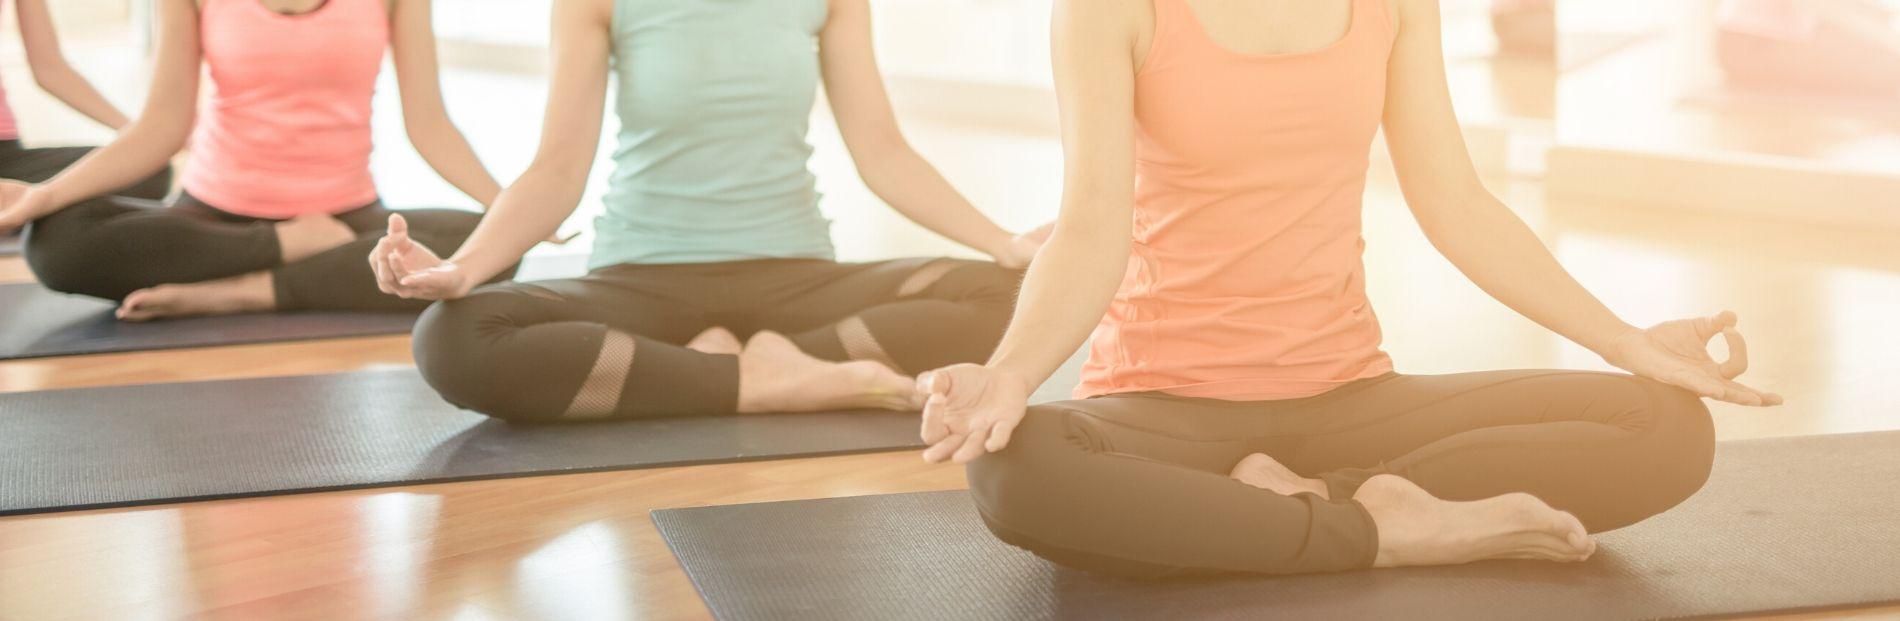 fertility yoga psoes